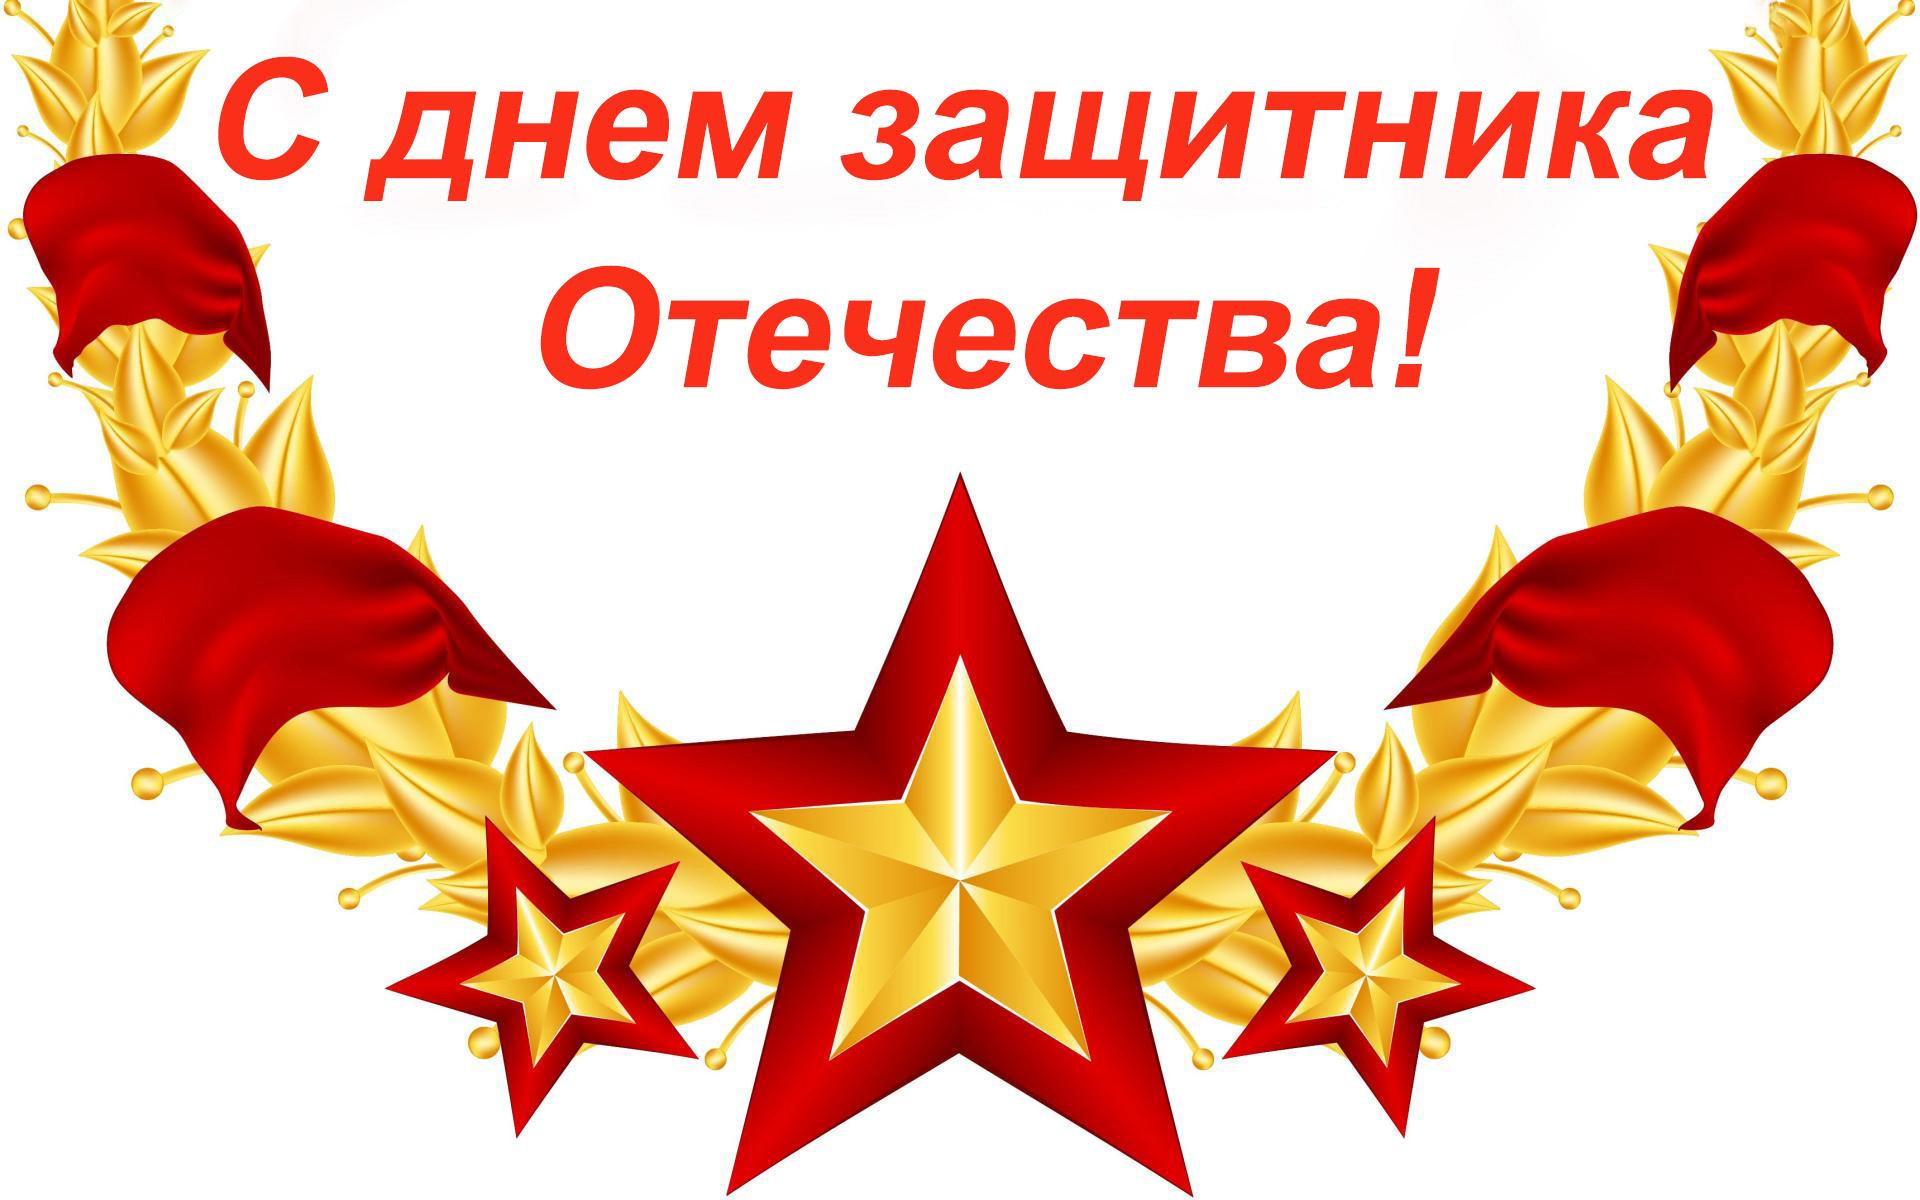 Поздравления с днём защитника отечества оригинальные